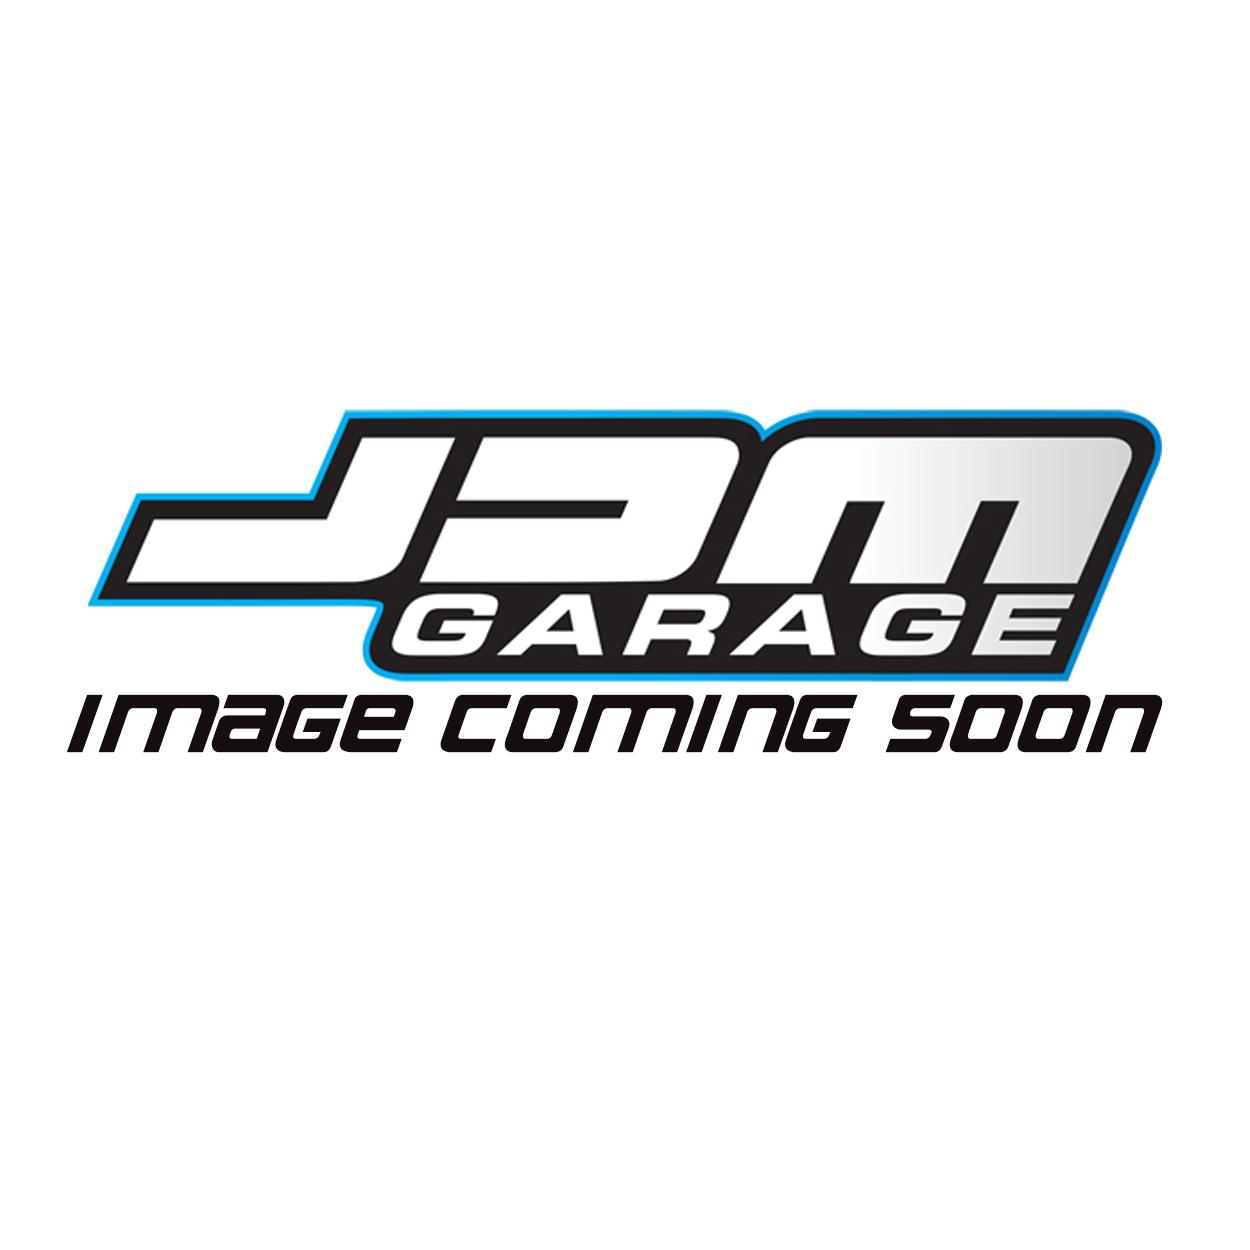 JDM Garage Original Pull-On Beanie - Antique Grey